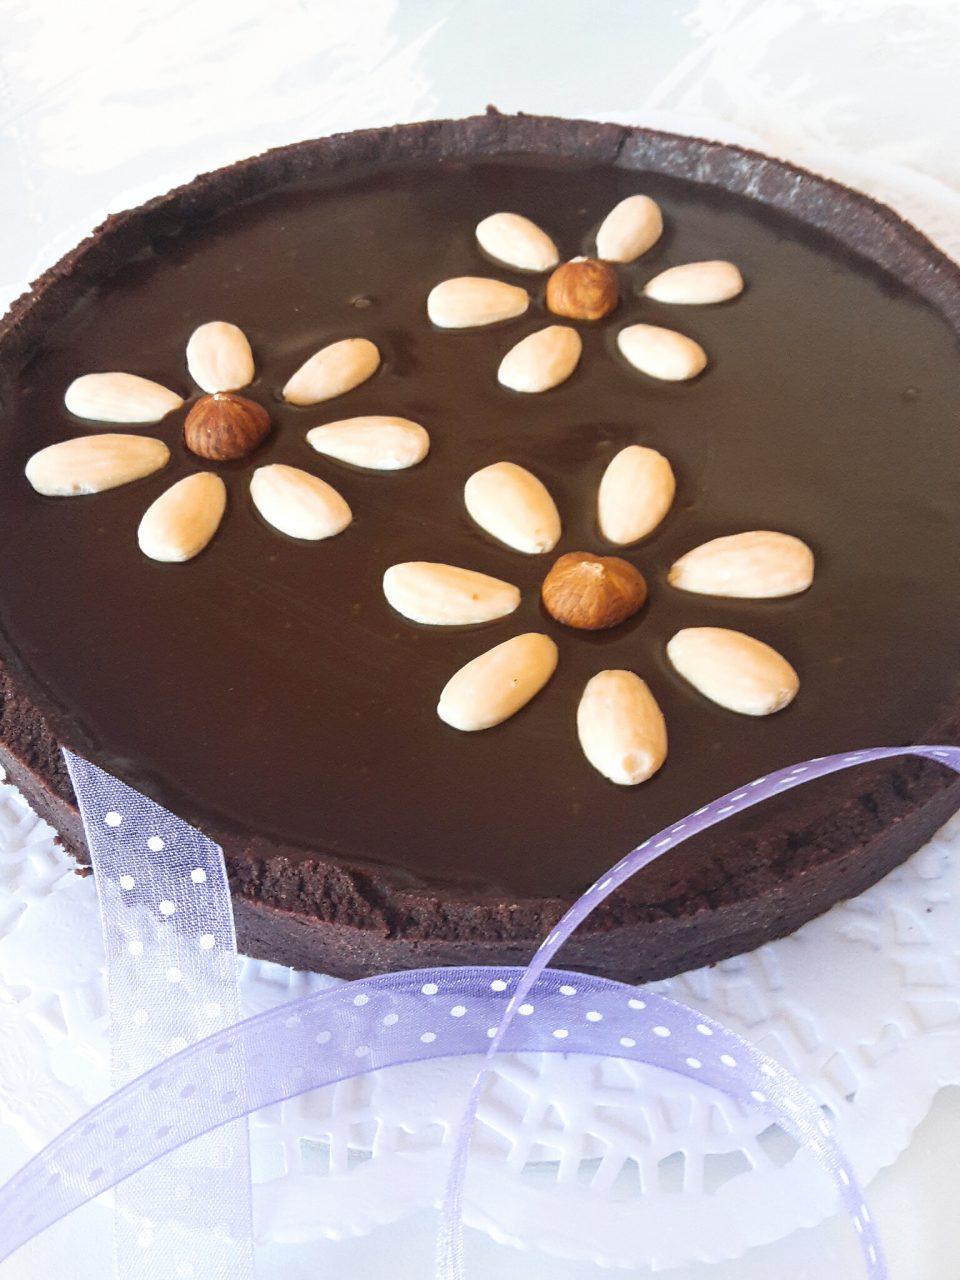 crema al cioccolato per crostate strepitose